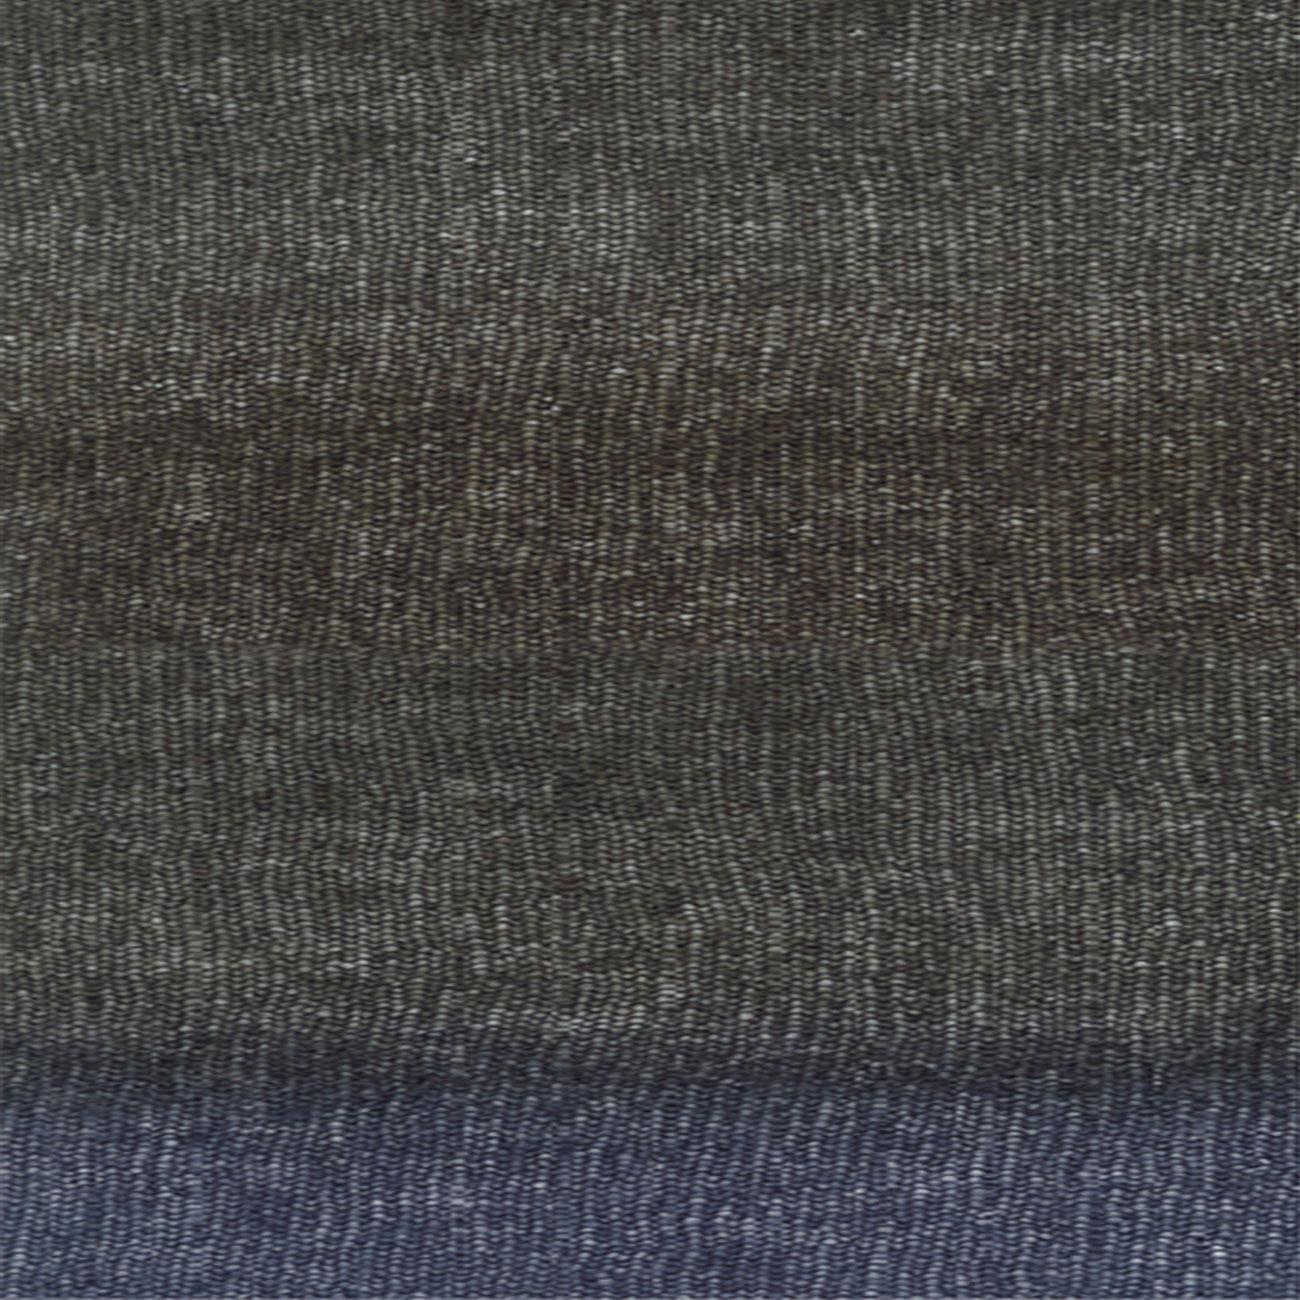 silkhair degrad von lana grossa 8 versch farben. Black Bedroom Furniture Sets. Home Design Ideas